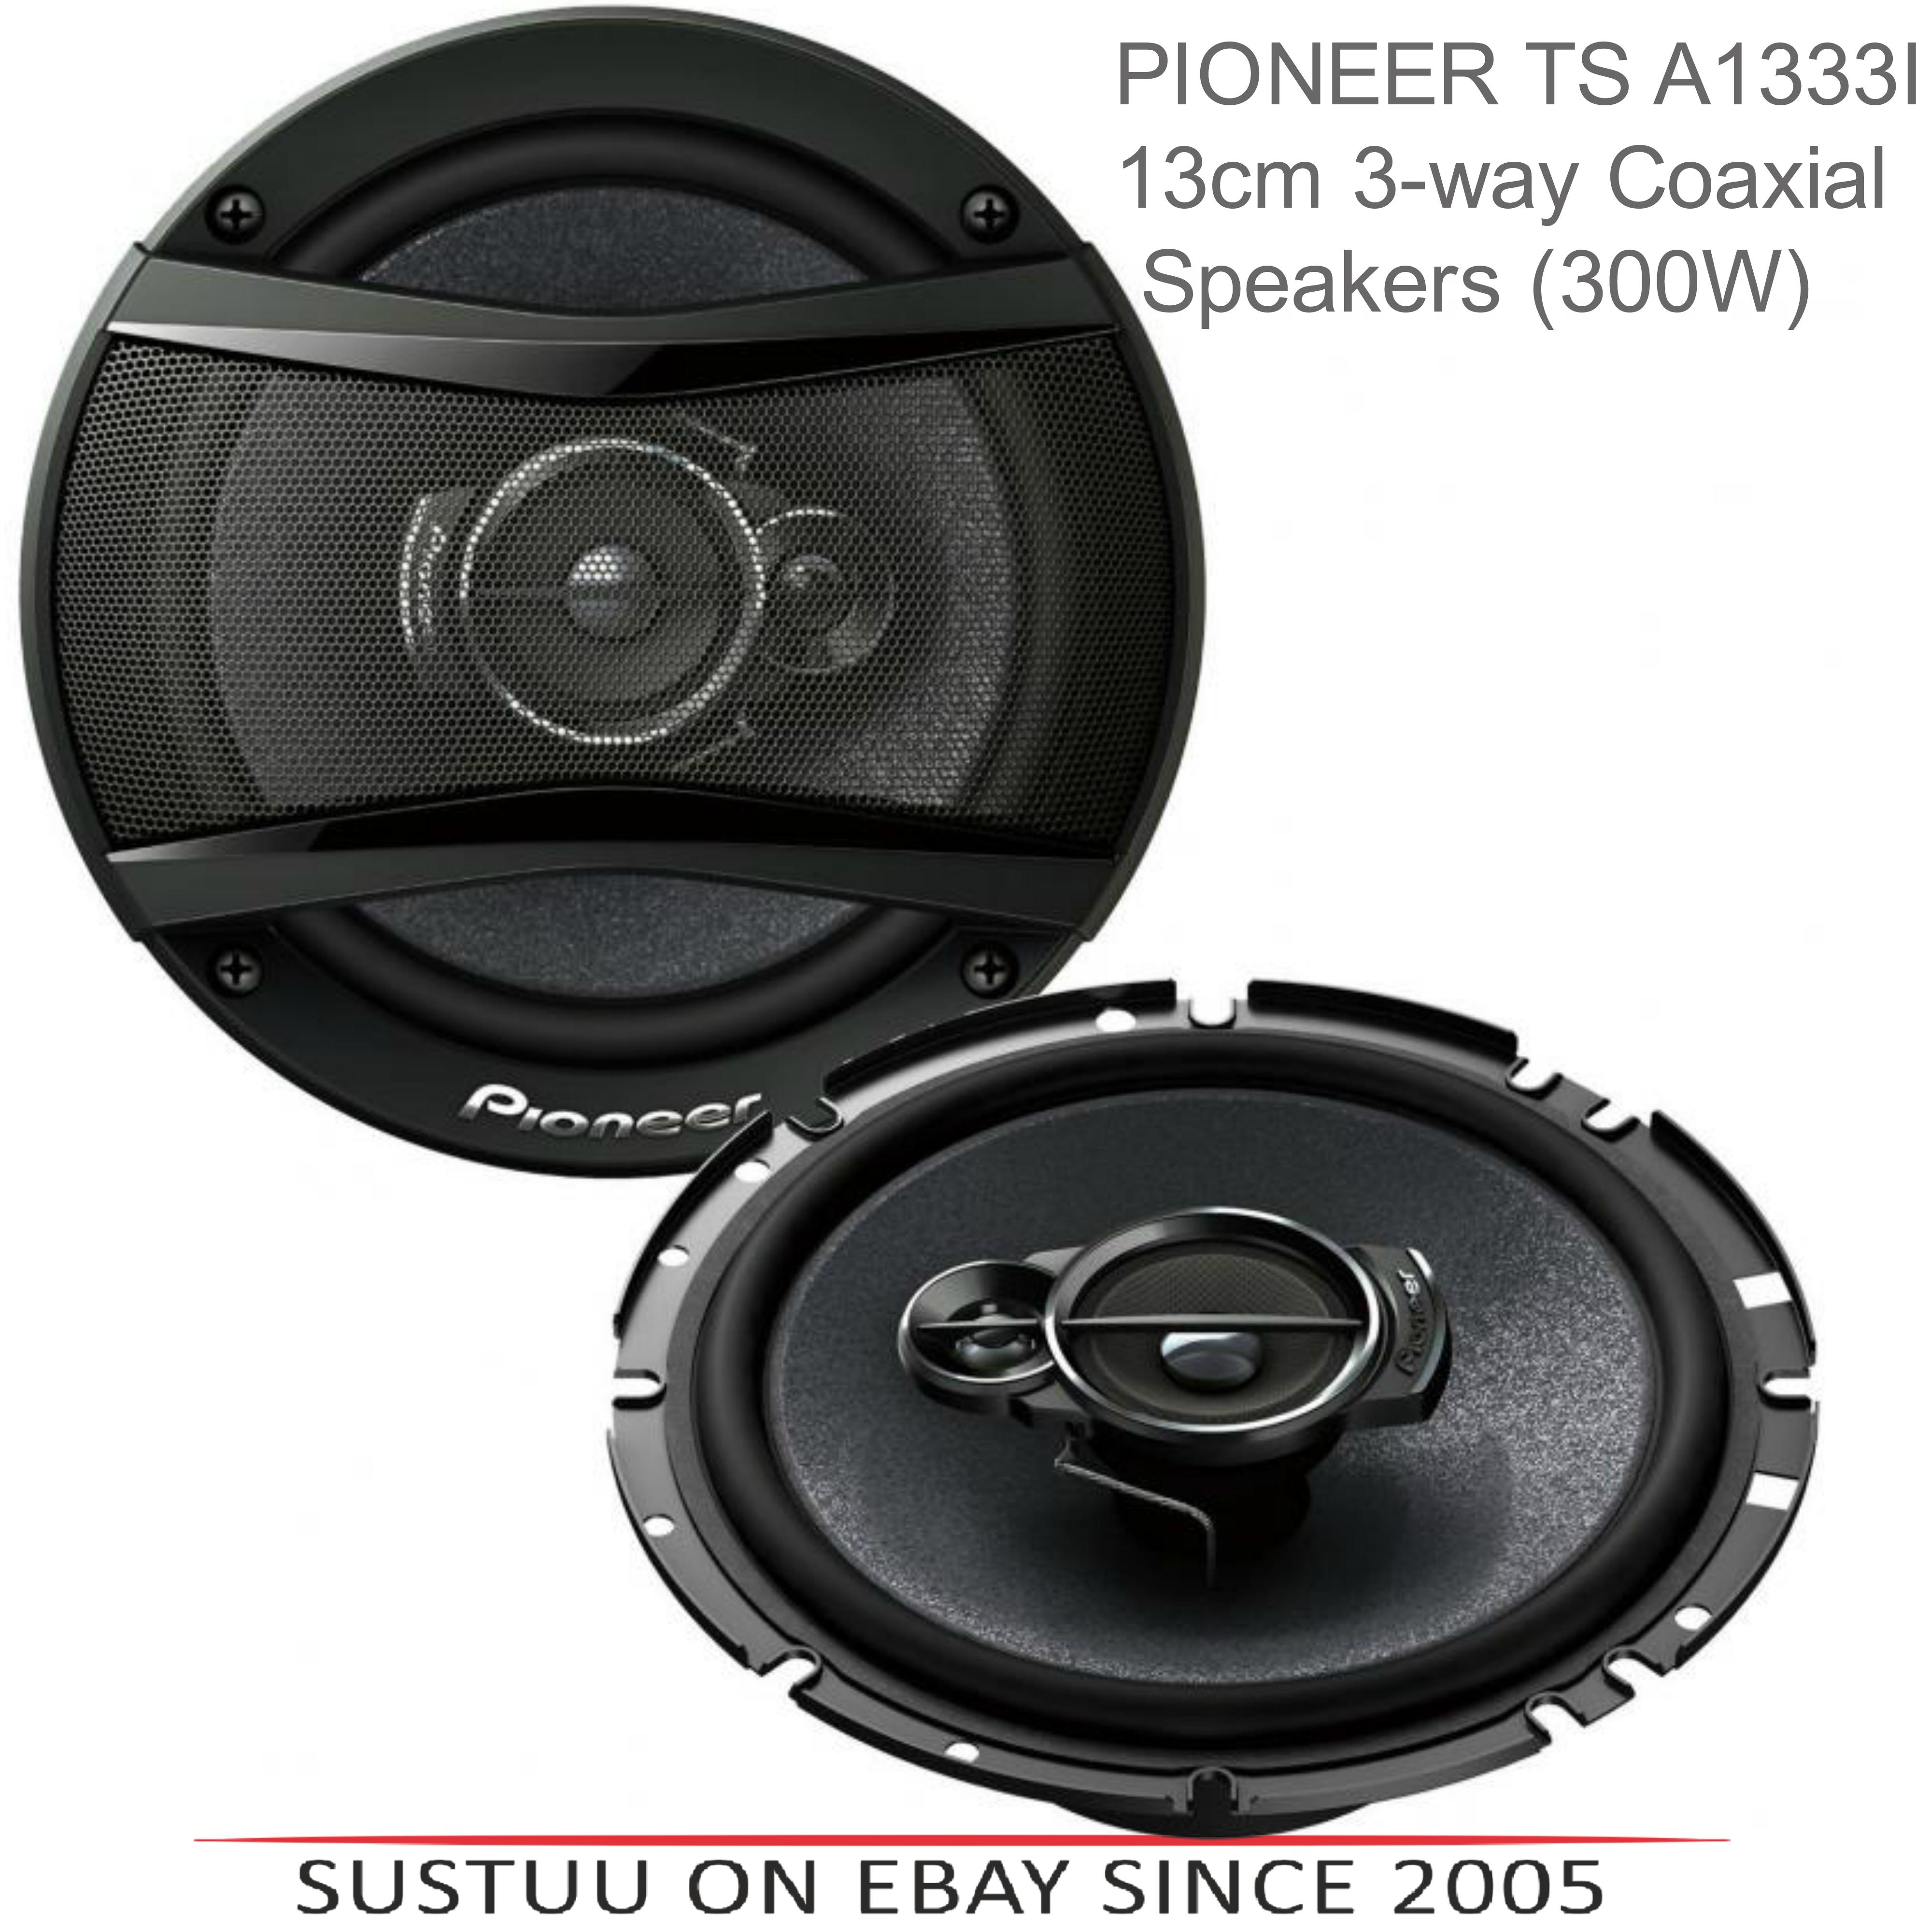 Pioneer TS 1333i?In Car 3-way Coaxial Speakers?Door-Shelf?13cm?300W max - New